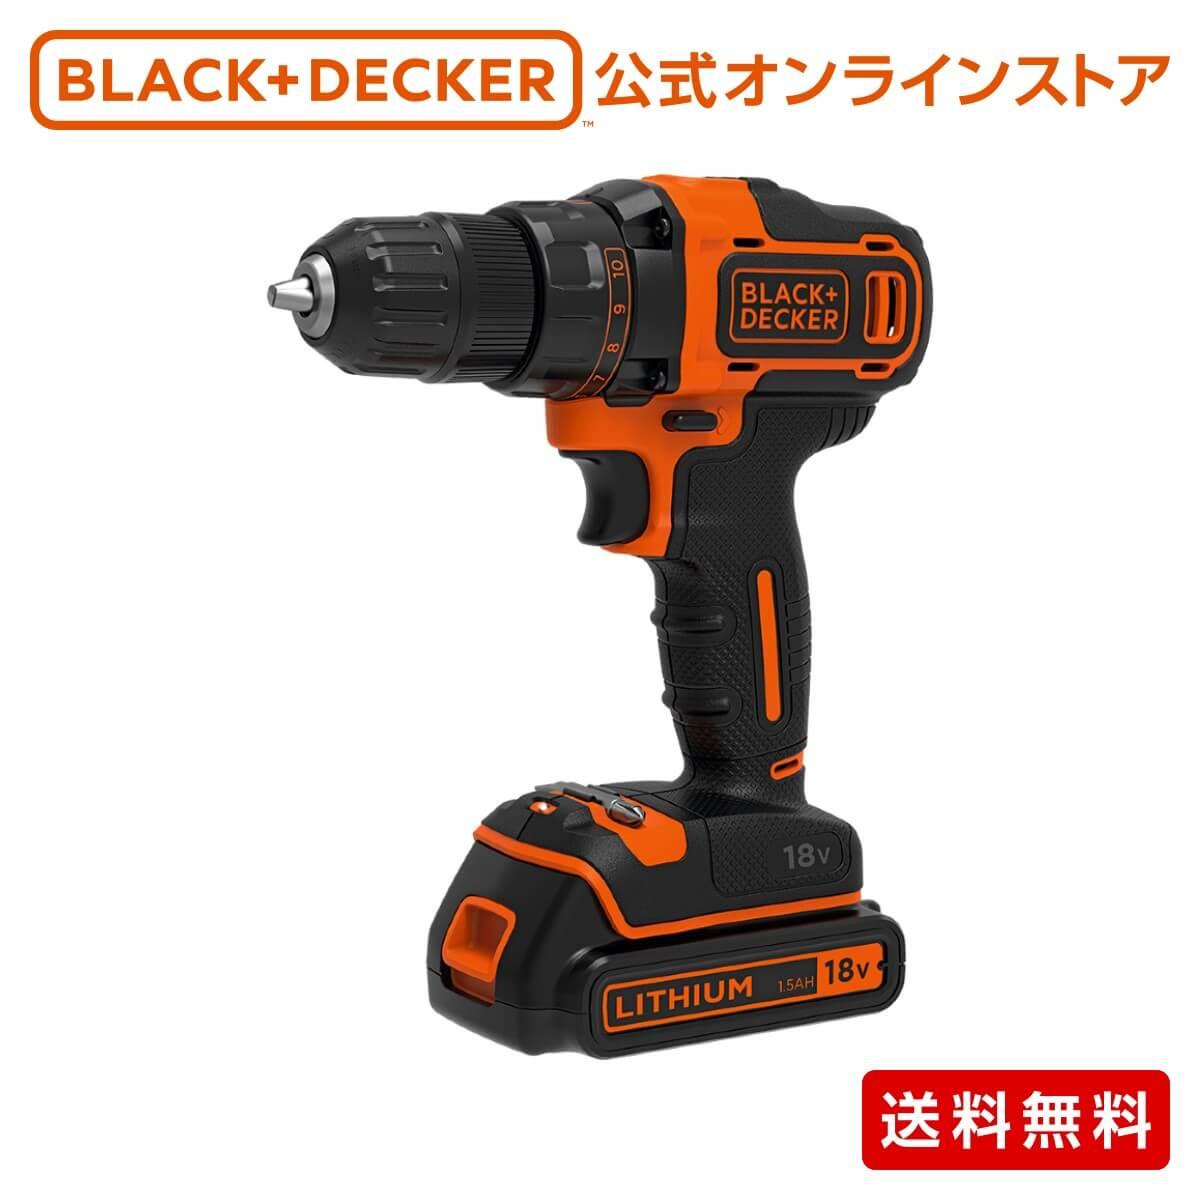 ブラックアンドデッカー (公式) BDCDD186K 18Vリチウム コードレスドリルドライバー 正規品